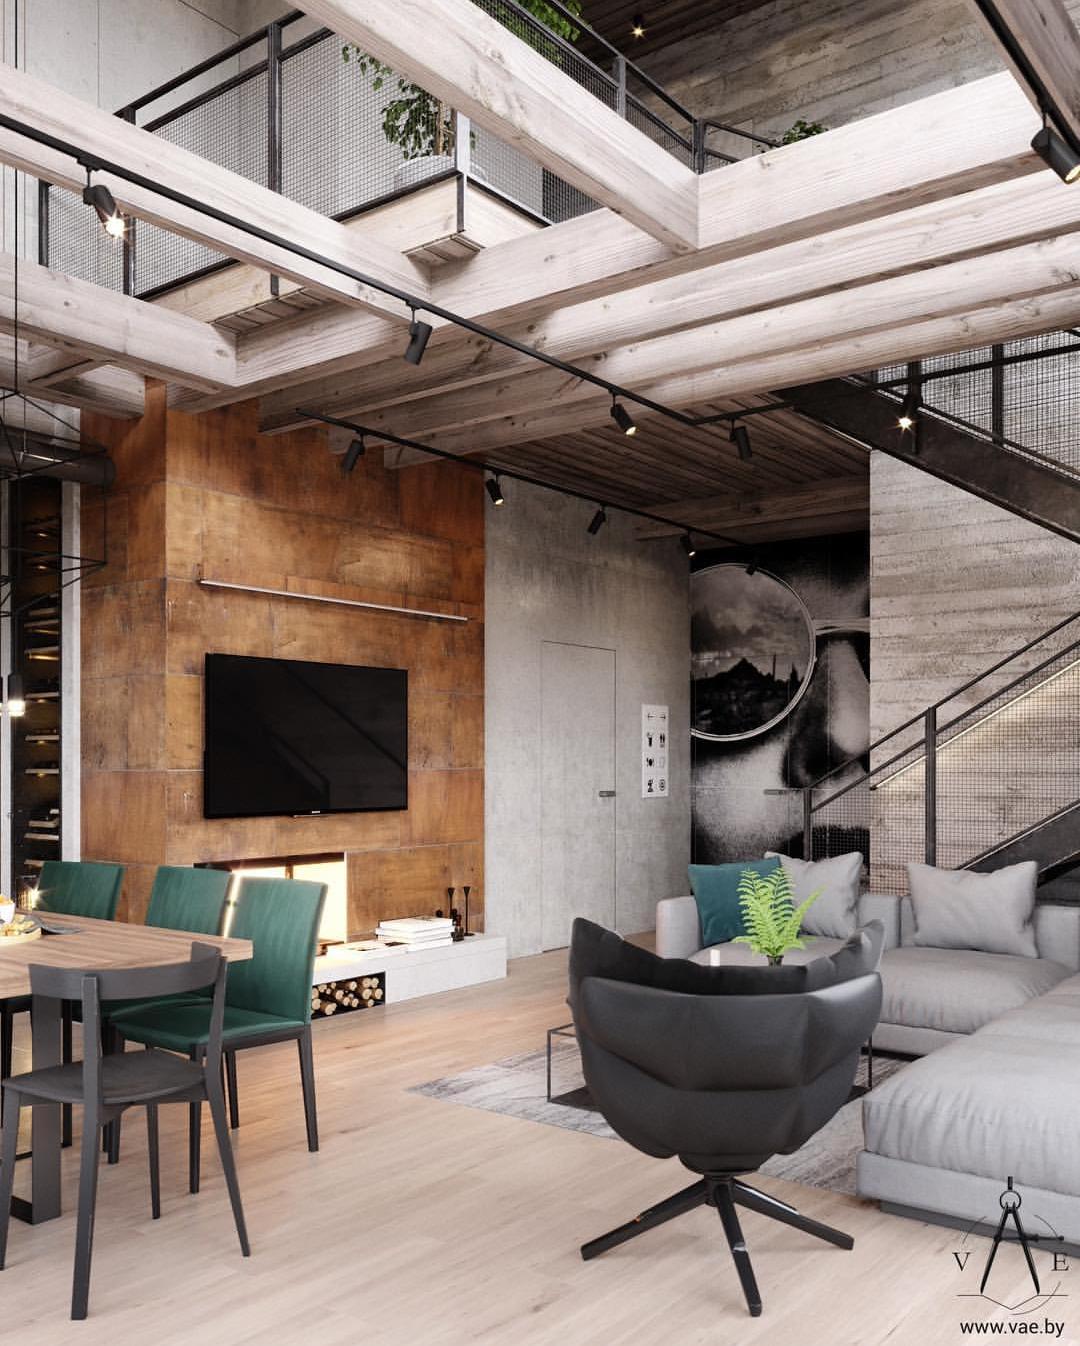 Loft Design By Vae Studio In 2019 Loft Interior Design